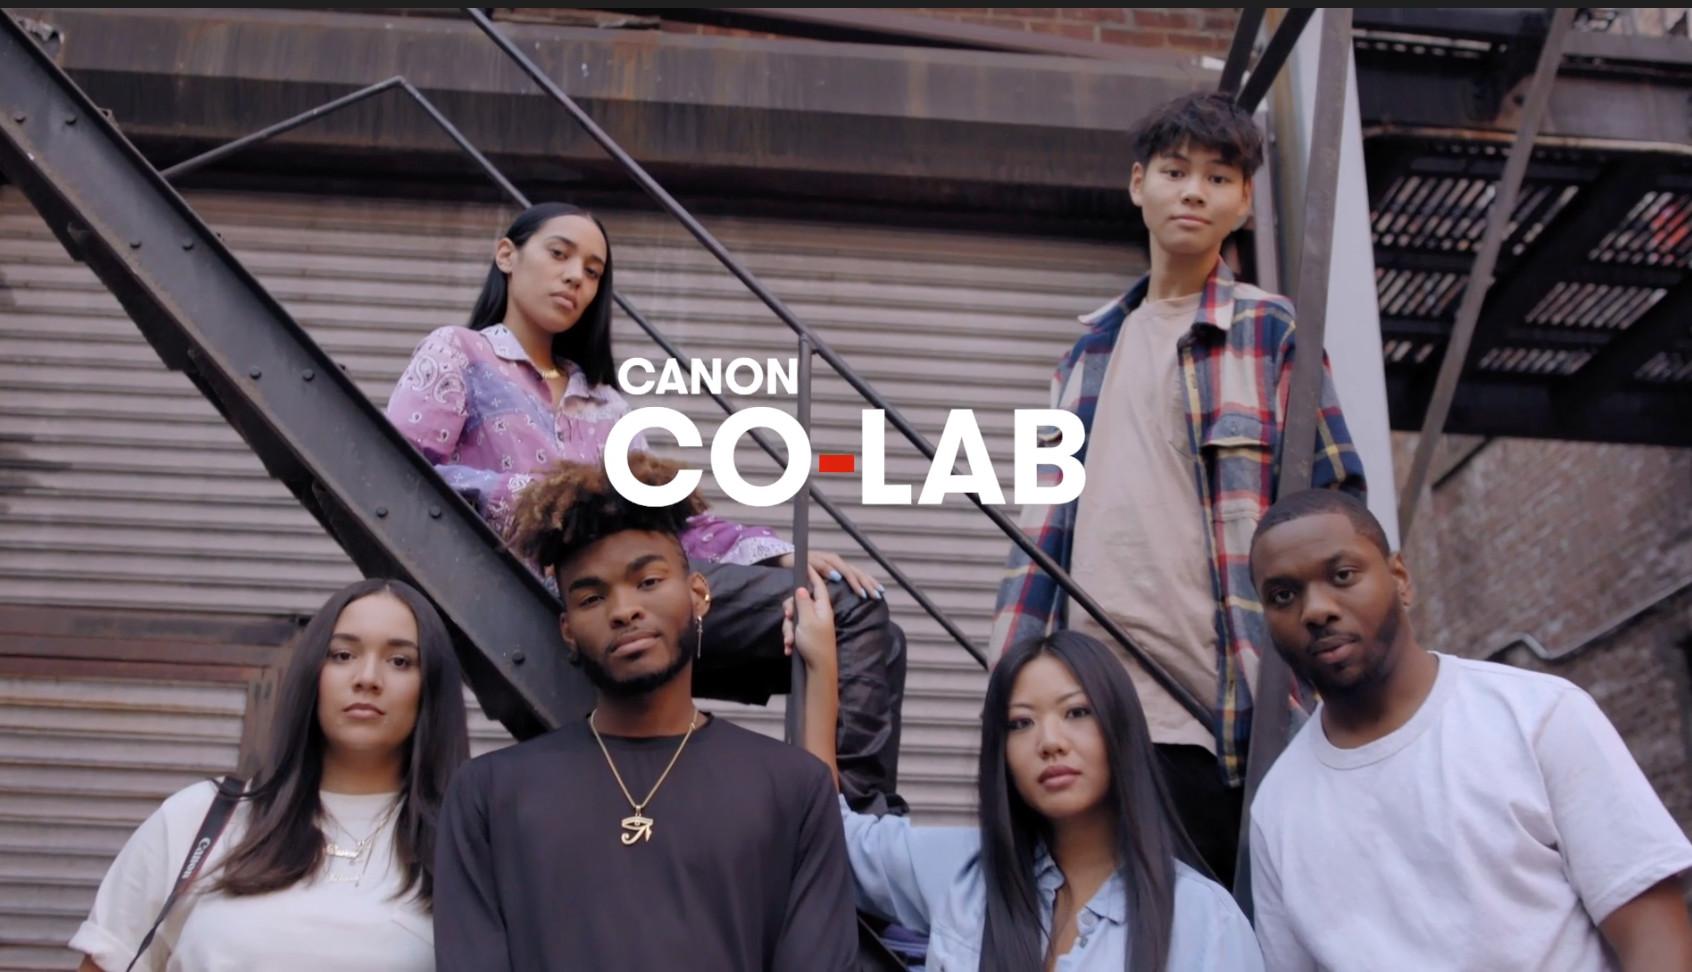 The Canon Co-Lab Designs a Sick Camera Bag for ComplexCon